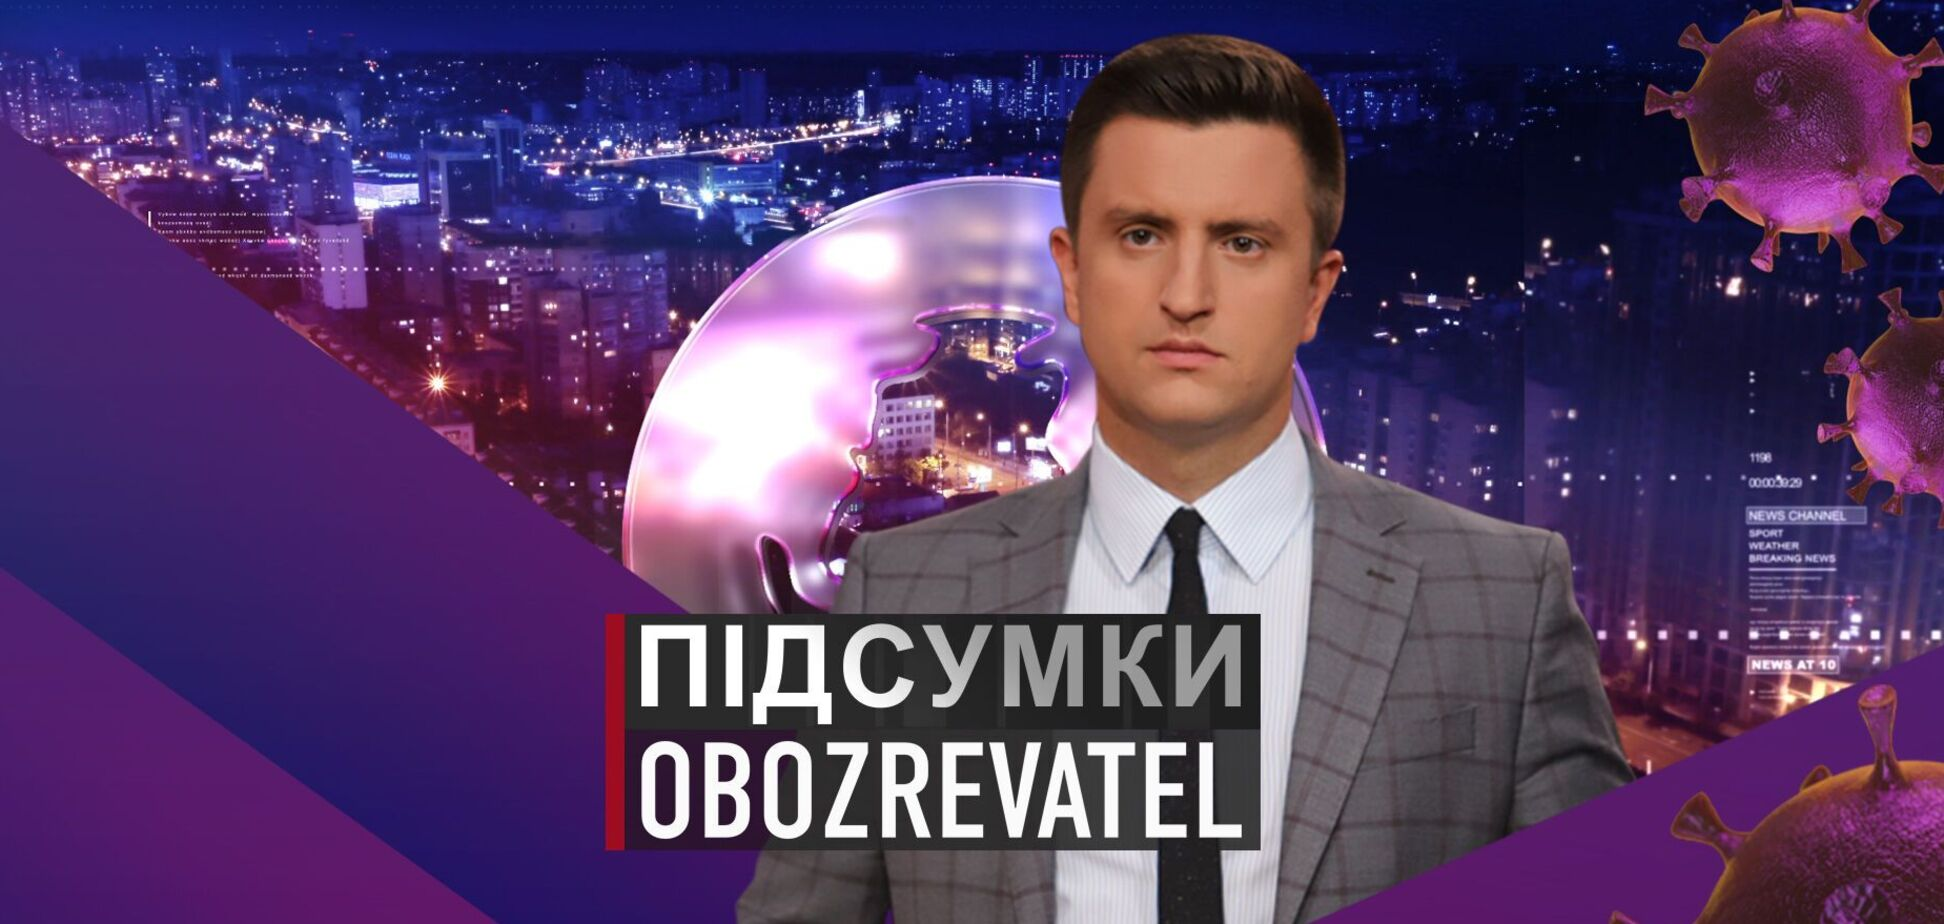 Підсумки дня з Вадимом Колодійчуком. Вівторок, 19 січня